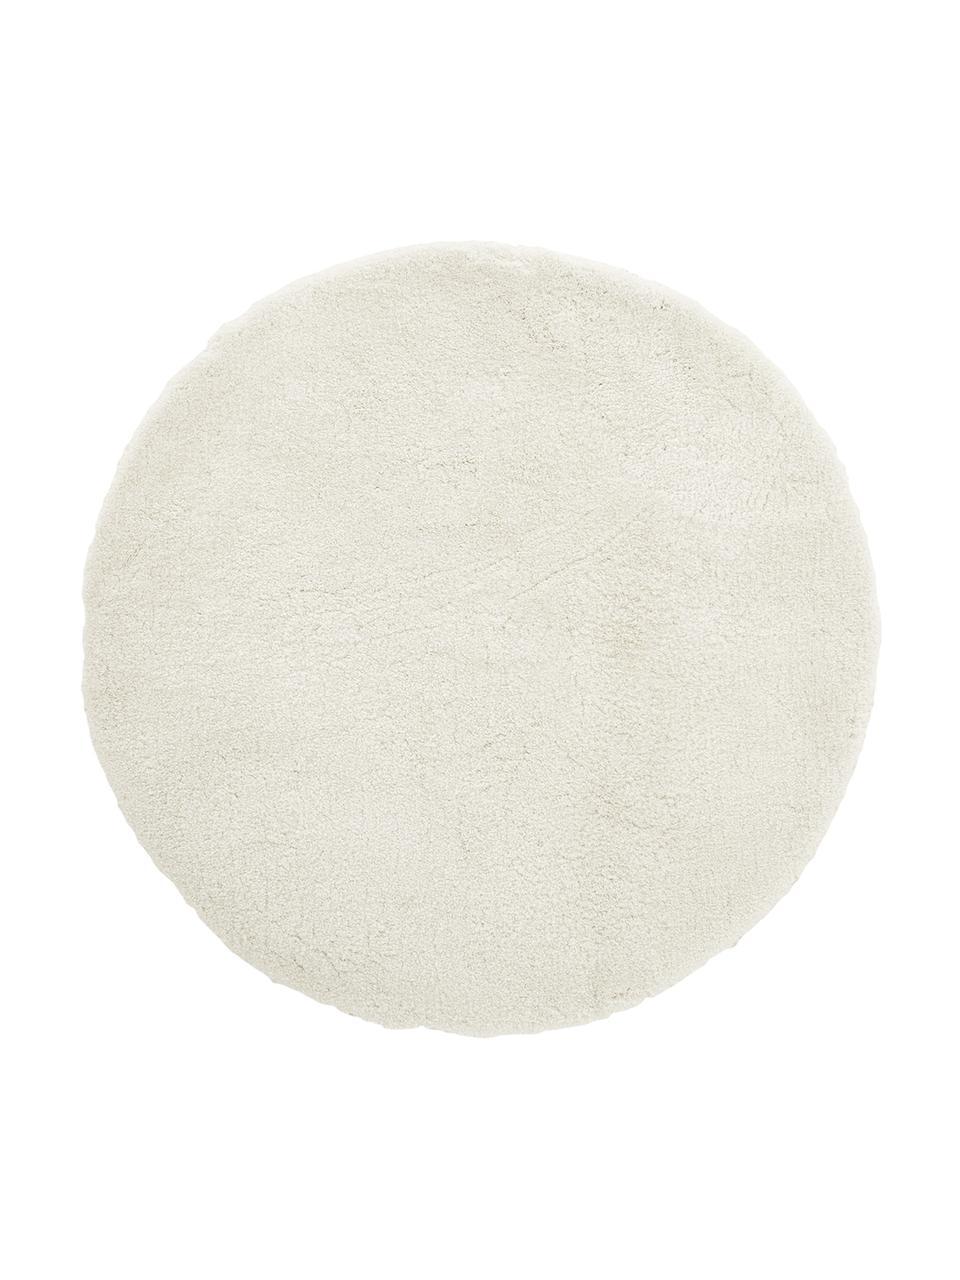 Pluizig rond hoogpoolig vloerkleed Leighton in crèmekleur, Bovenzijde: 100% polyester (microveze, Crèmekleurig, Ø 120 cm (maat S)